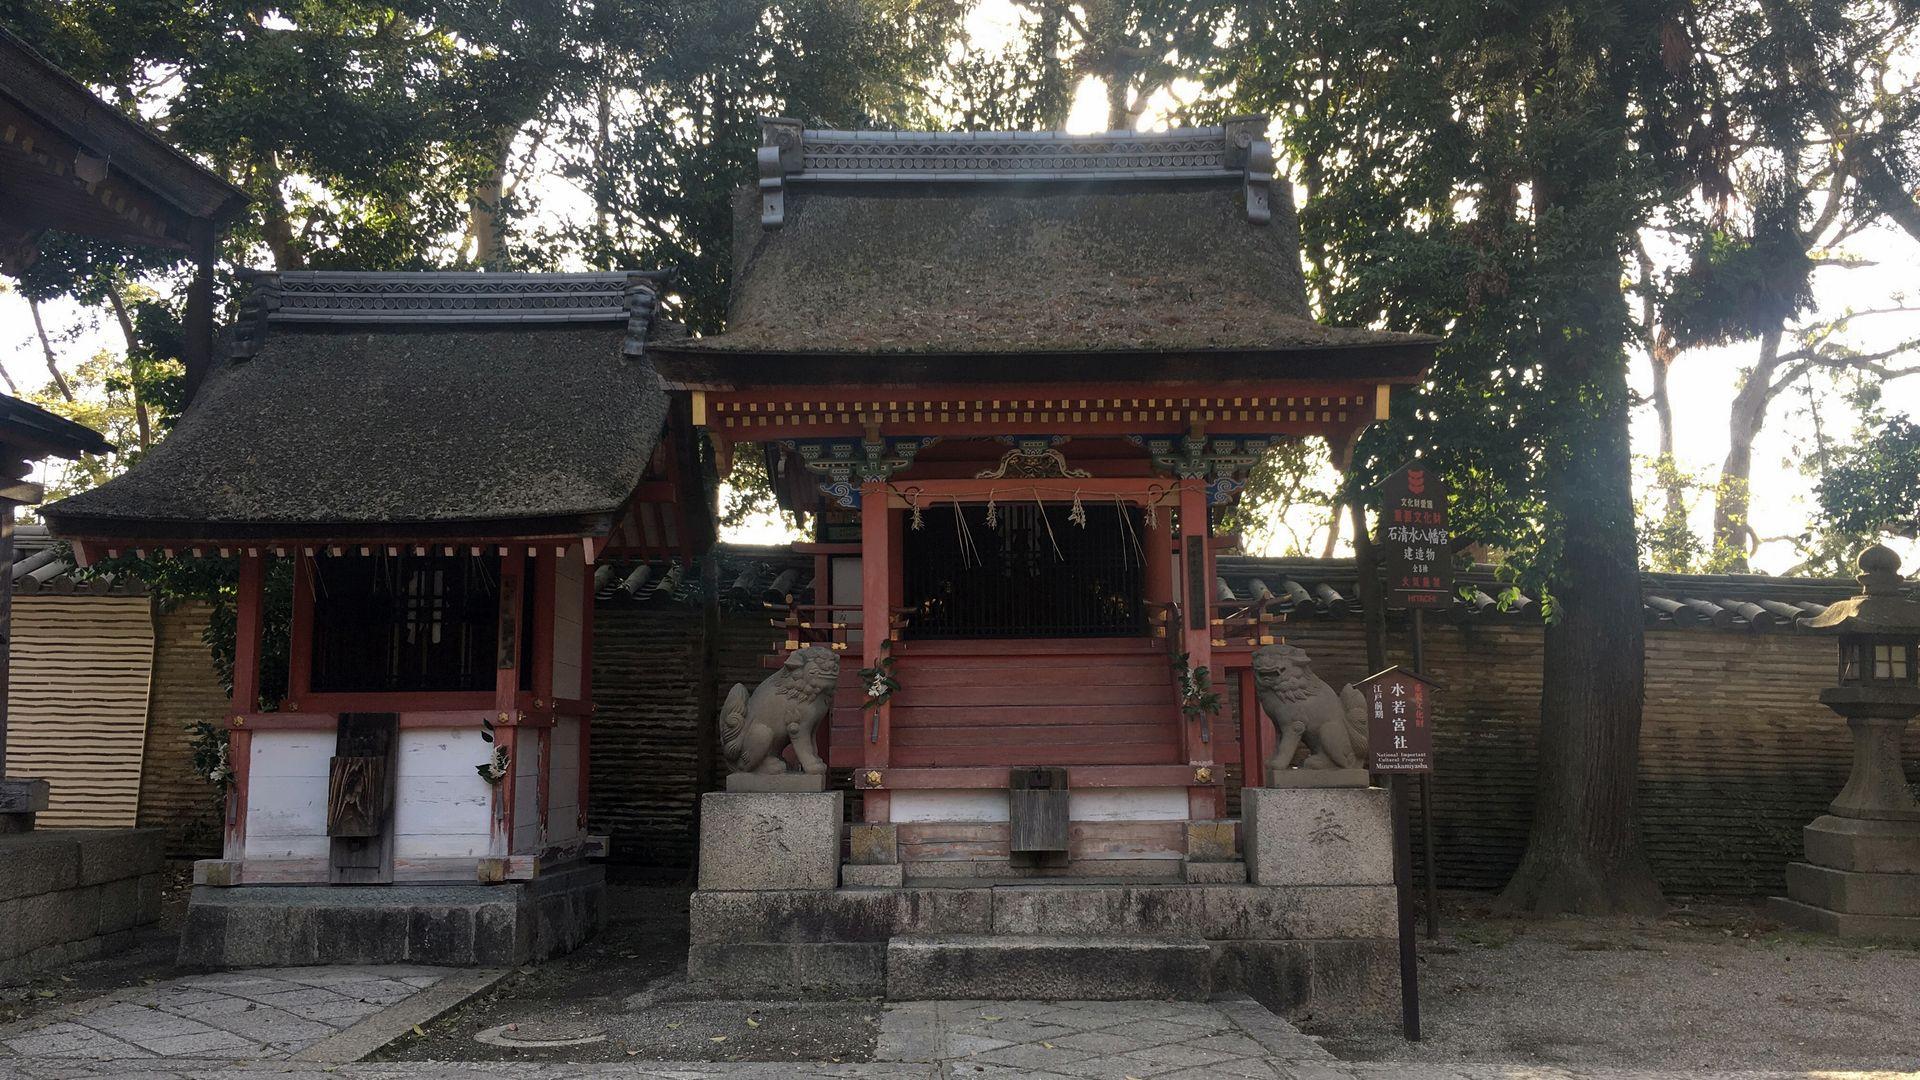 石清水八幡宮の水若宮社と気比社